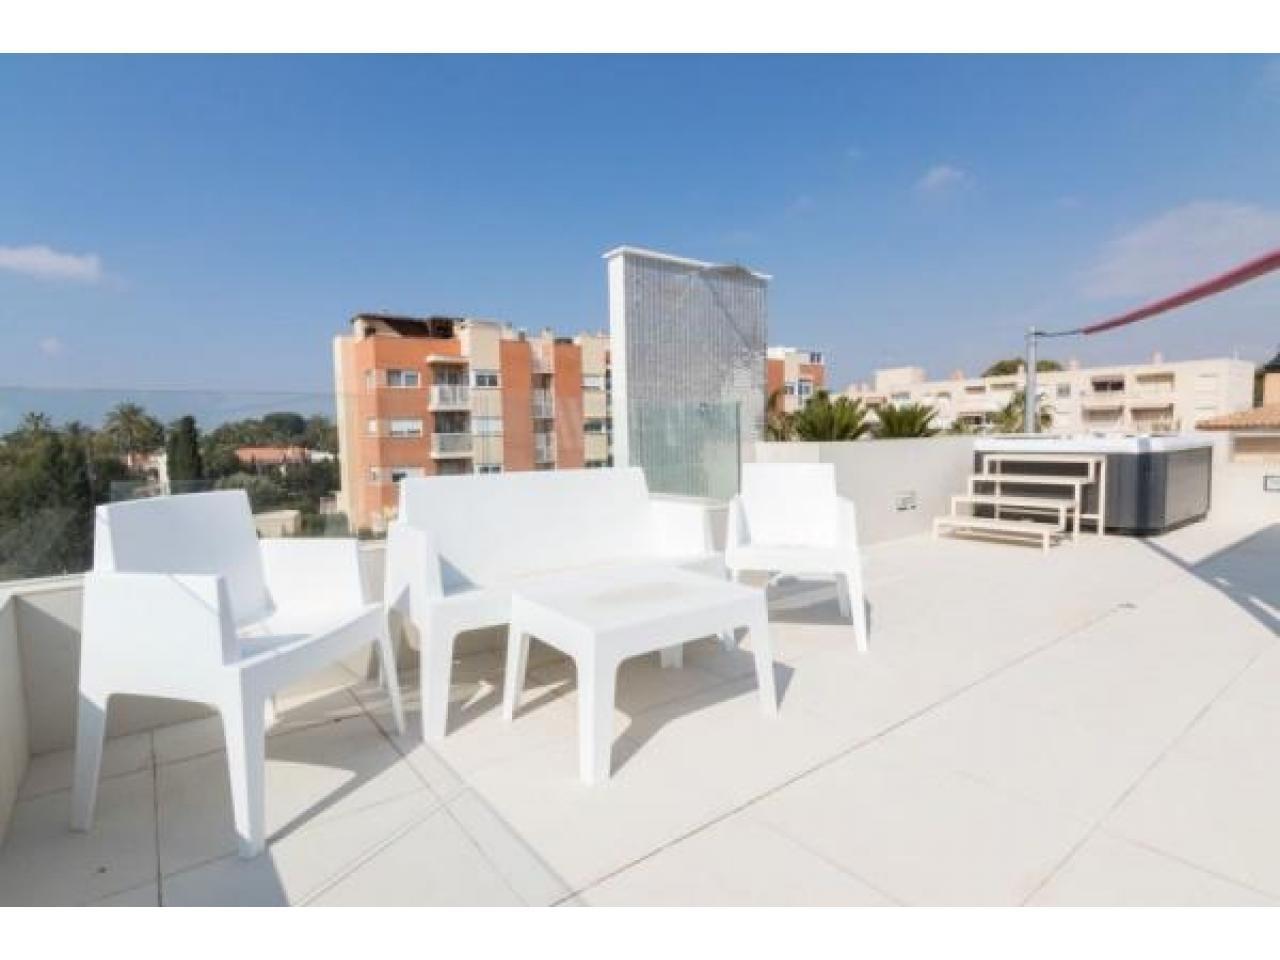 Недвижимость в Испании, Новая вилла рядом с морем от застройщика в Кампельо - 5